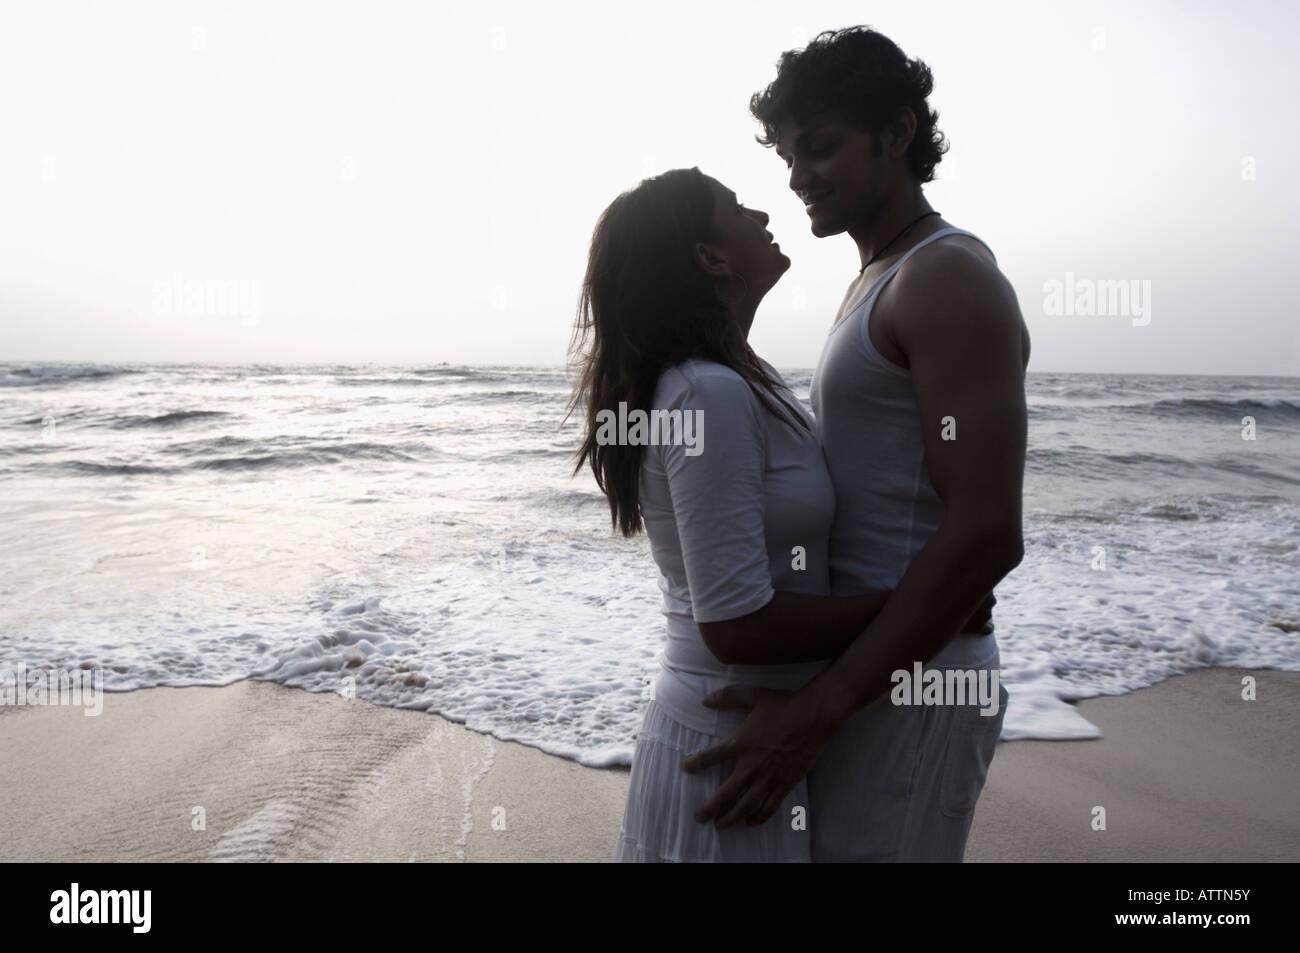 Silhouette di una giovane coppia che abbraccia ogni altro sulla spiaggia, Goa, India Immagini Stock